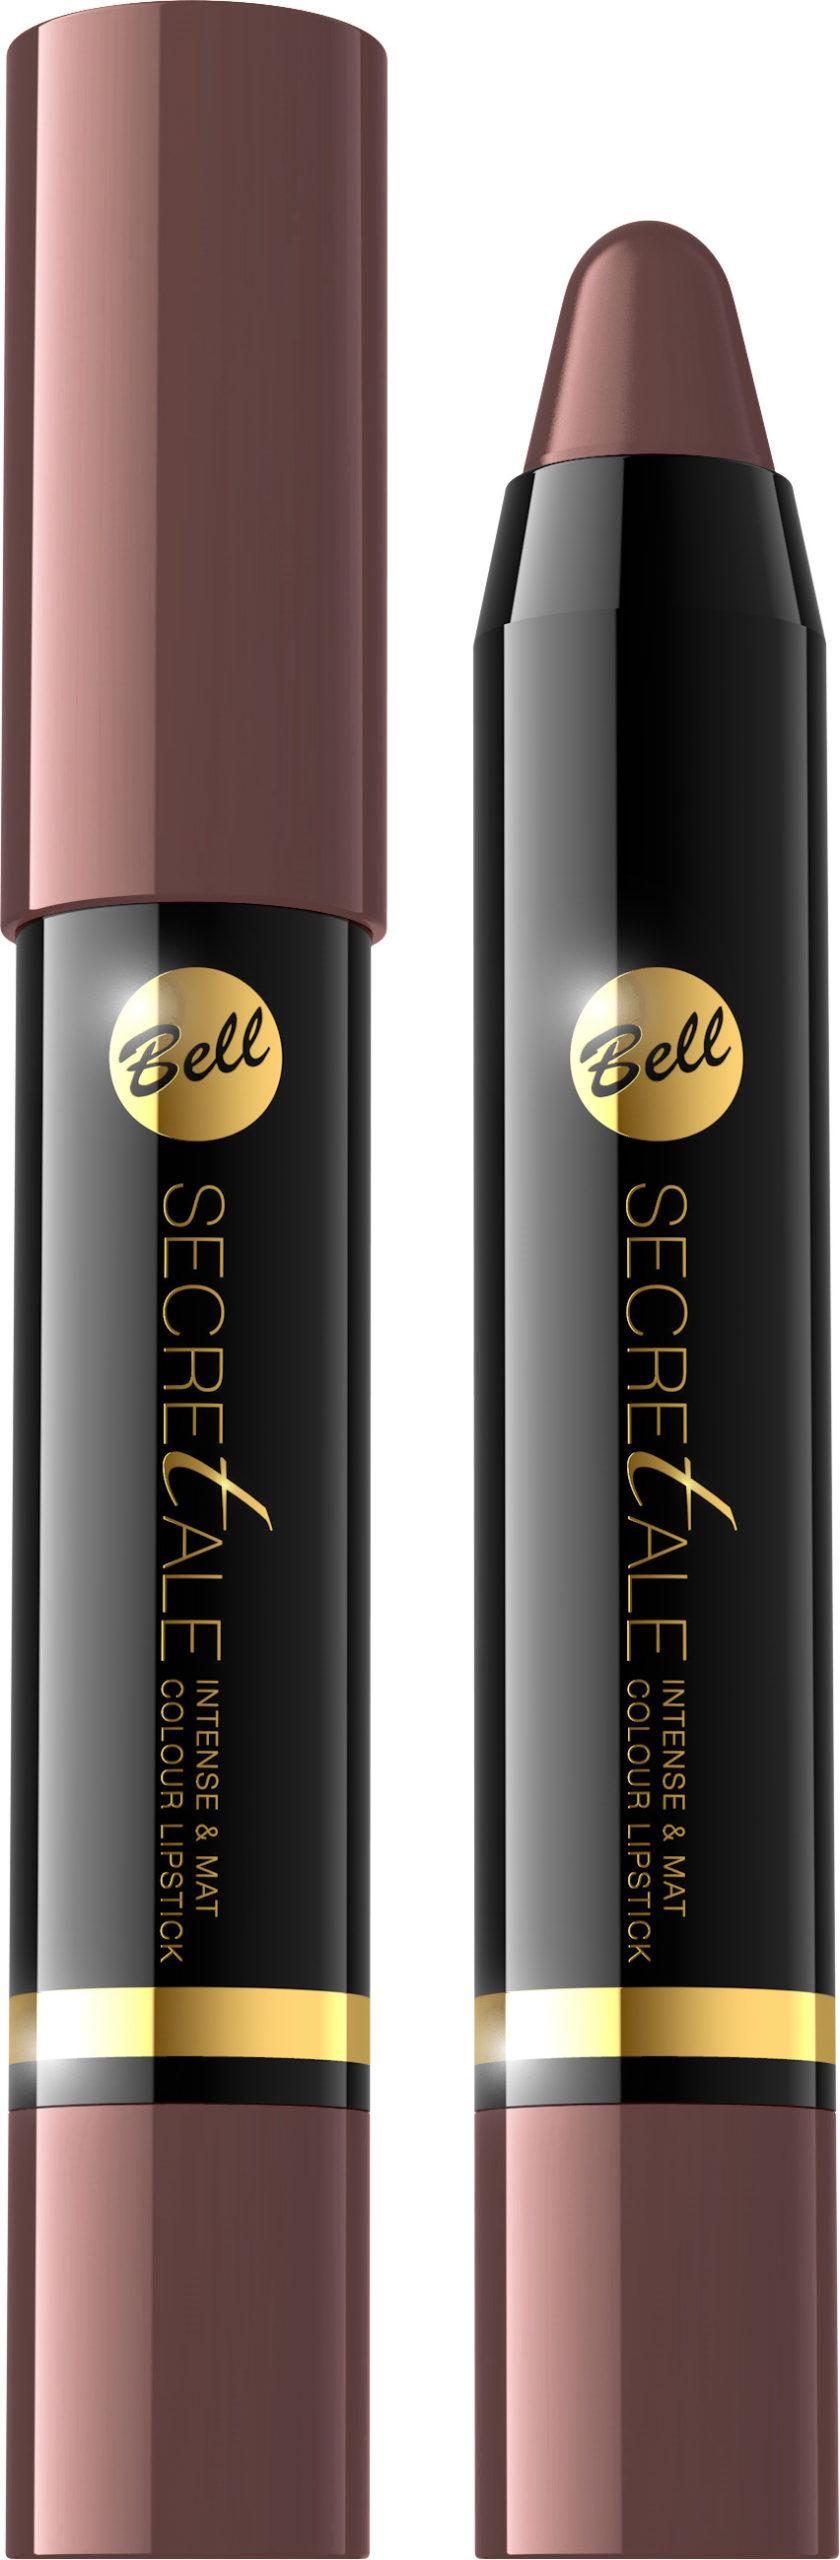 Secretale Intense & Mat Colour Lipstick